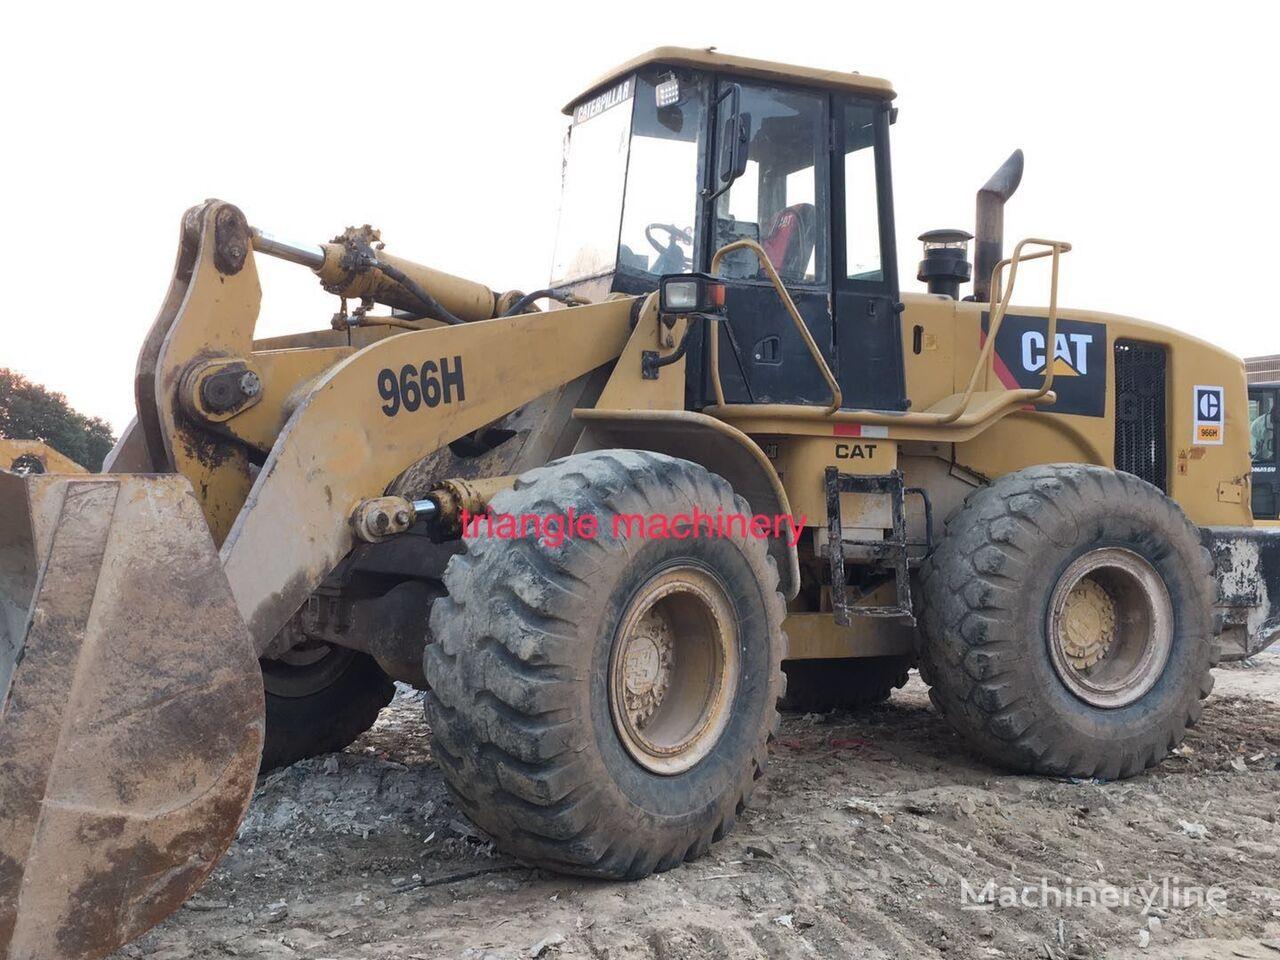 CATERPILLAR 966H cargadora de ruedas